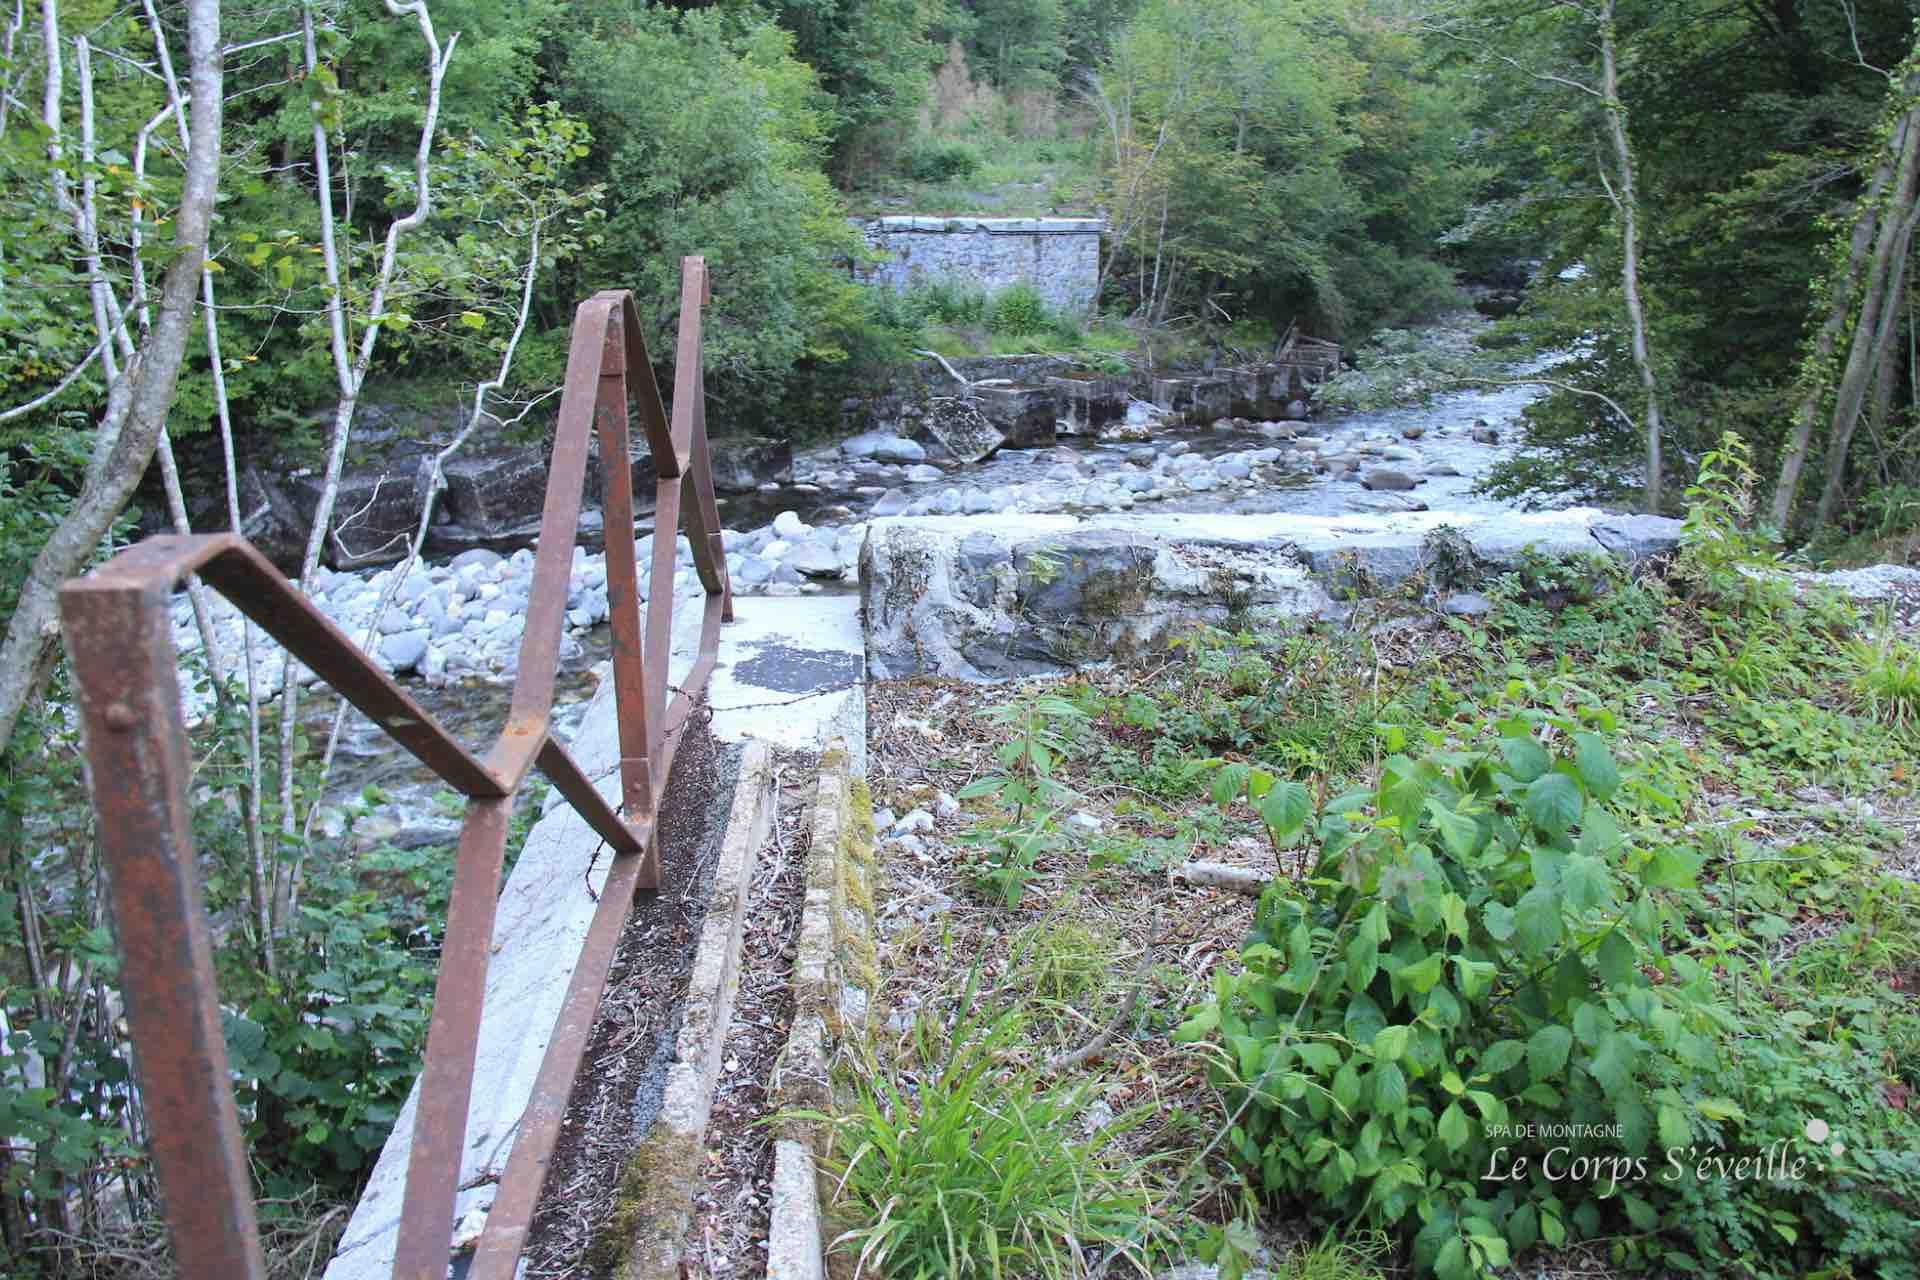 Voici le lieu où le train de marchandises est tombé dans le gave en 1970. Le pont de l'Estanguet a été emporté.